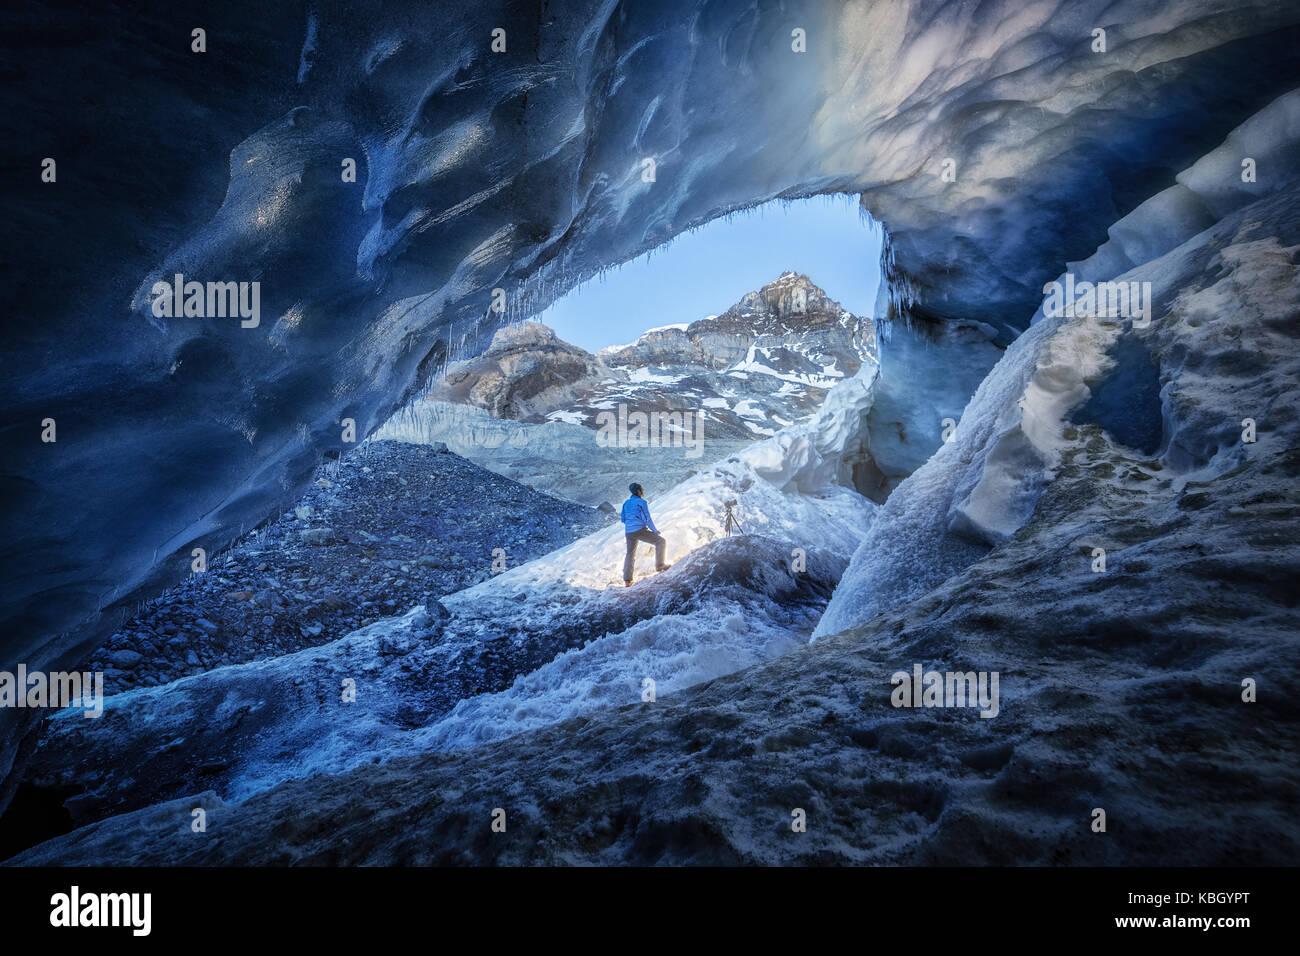 Fotógrafo en el interior de una cueva de hielo durante una expedición de fotografía en el Glaciar Athabasca Foto de stock